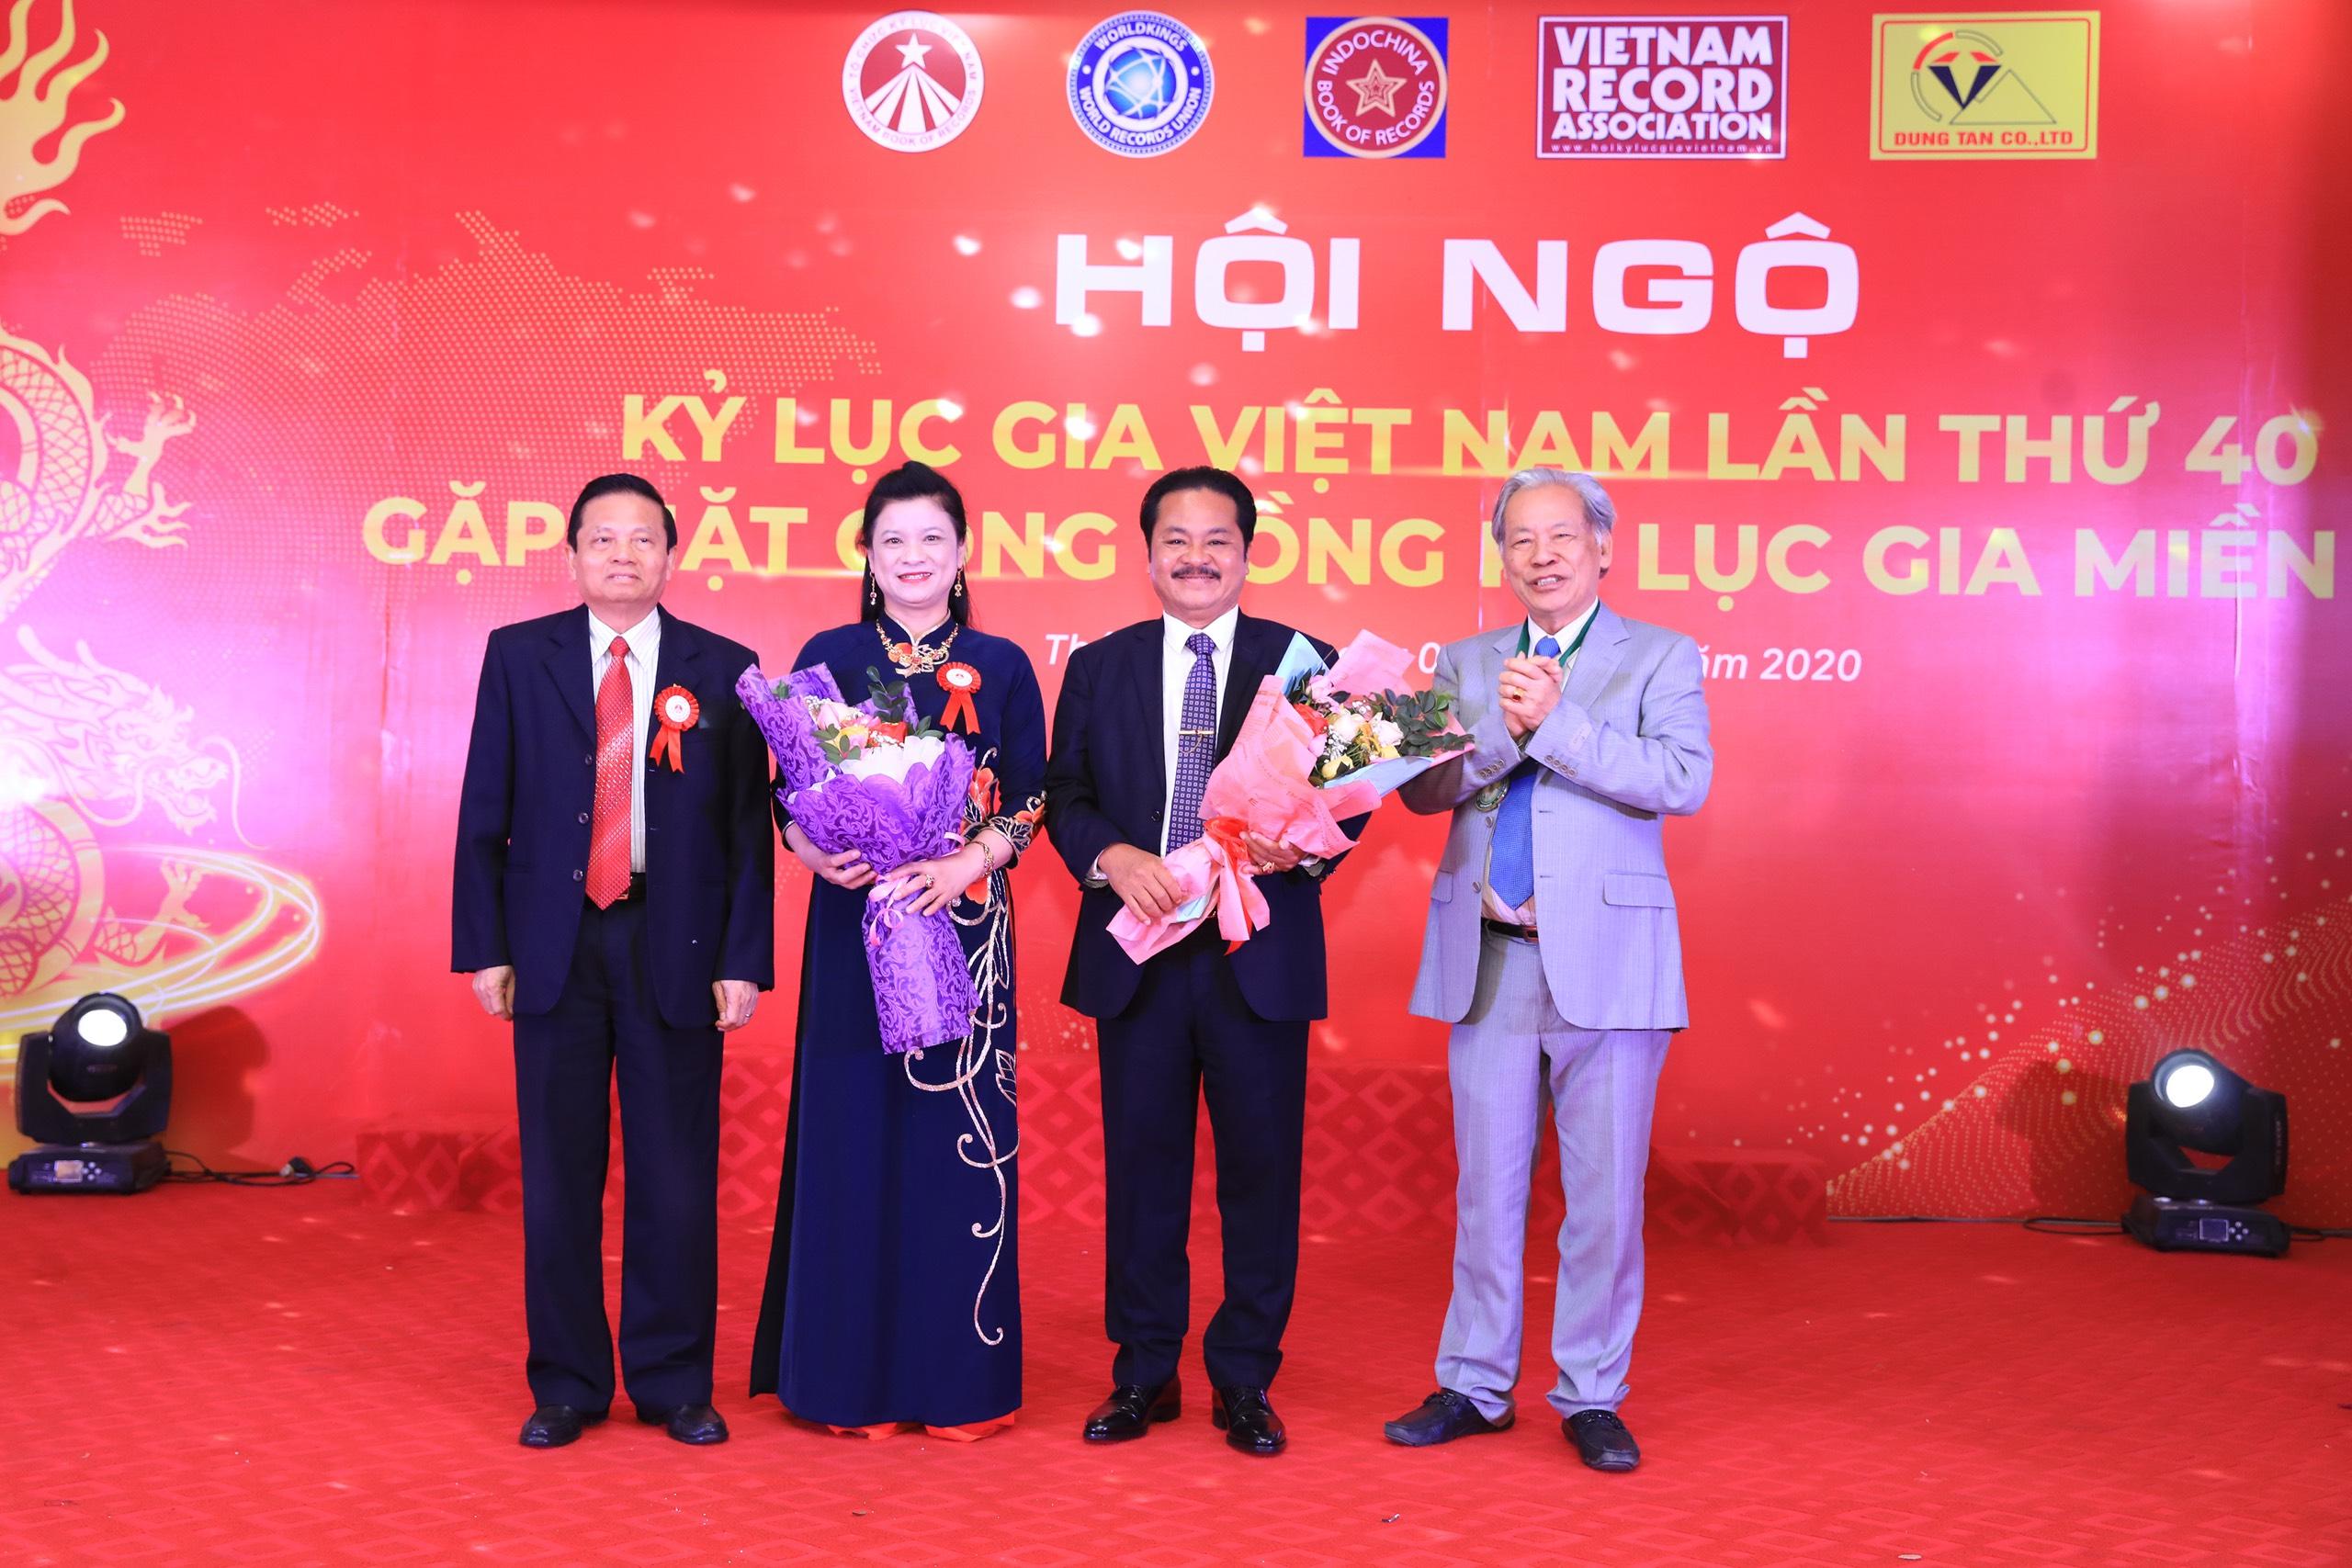 Tiến sĩ Thang Văn Phúc và Tiến sĩ Lê Doãn Hợp trao tặng hoa đến vợ chồng Lê Văn Dũng - Giám đốc Công ty TNHH Dũng Tân - Nhà tài trợ Hội ngộ